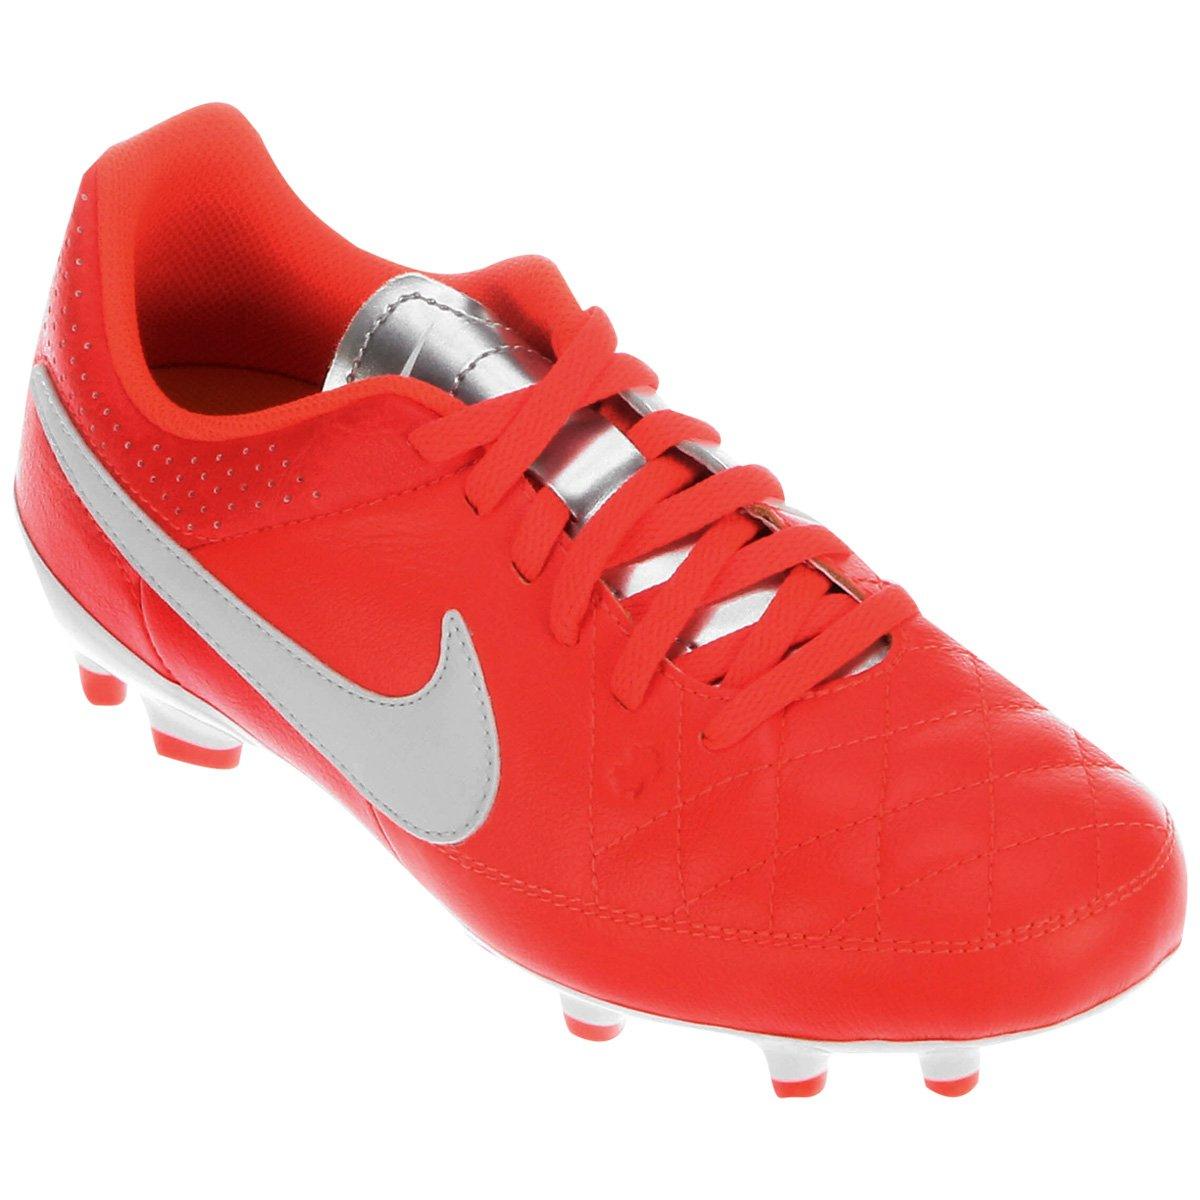 Chuteira Nike Tiempo Gênio Leather FG Campo Infantil - Compre Agora ... 8100723bd7766